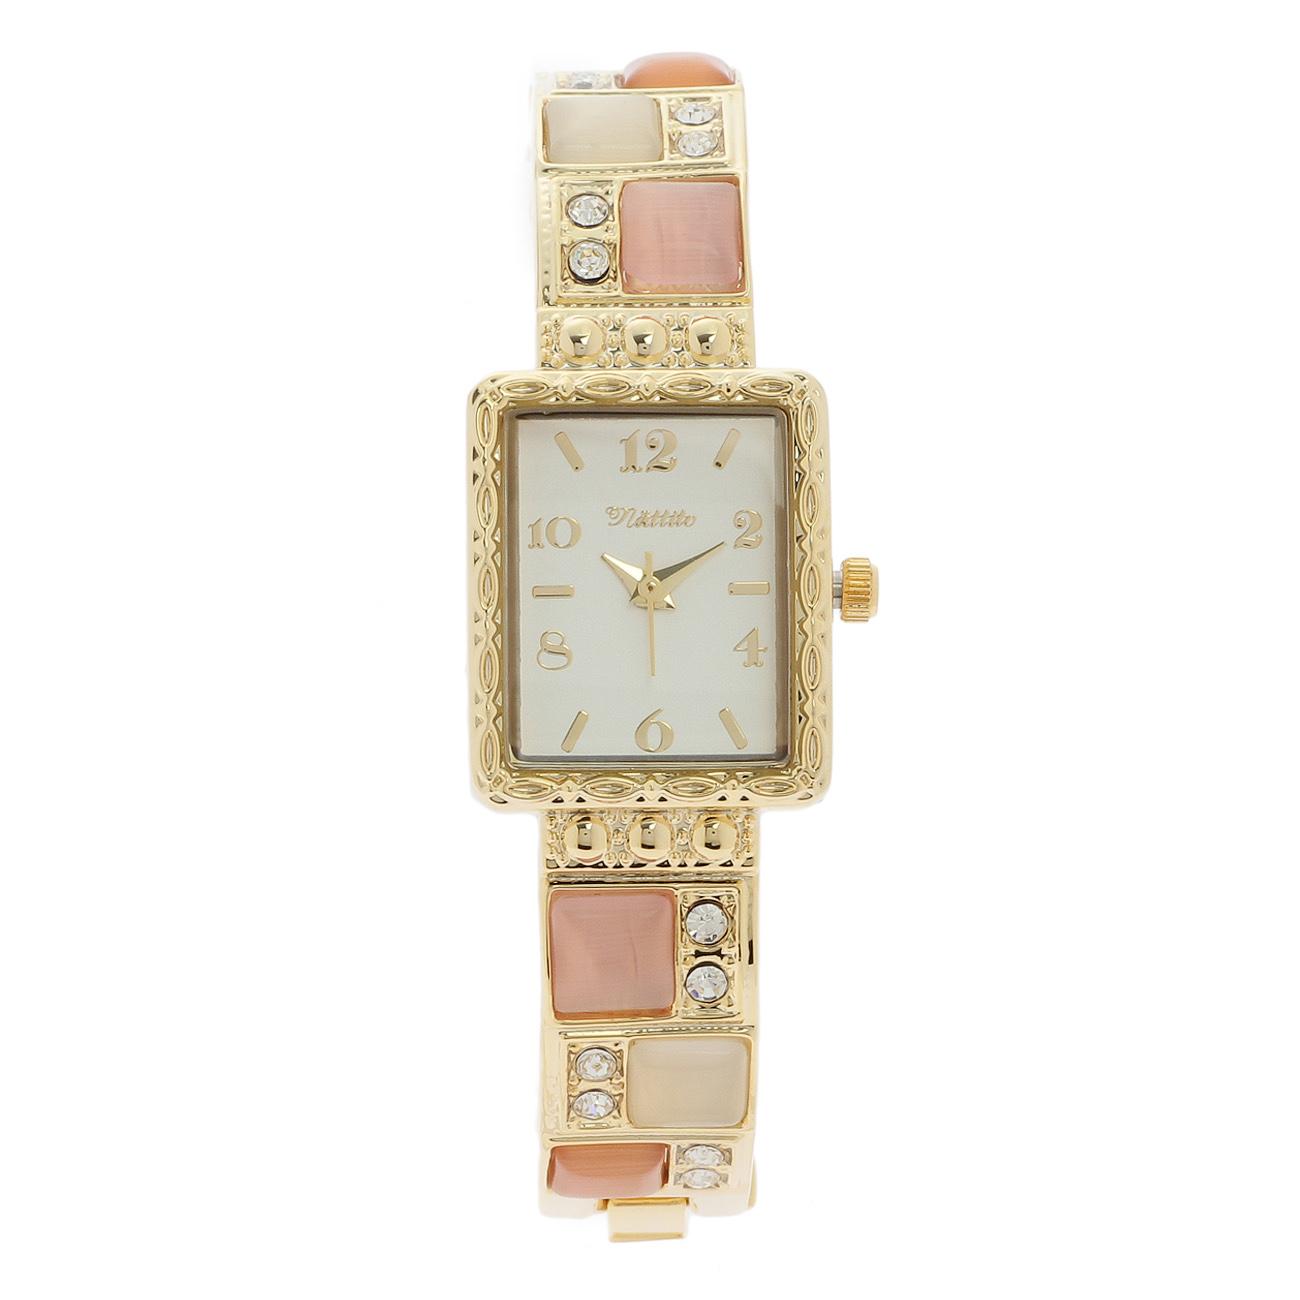 【passage mignon (パサージュ ミニョン)】モザイクストーンブレスレット風腕時計レディース 雑貨|腕時計 ベビーピンク